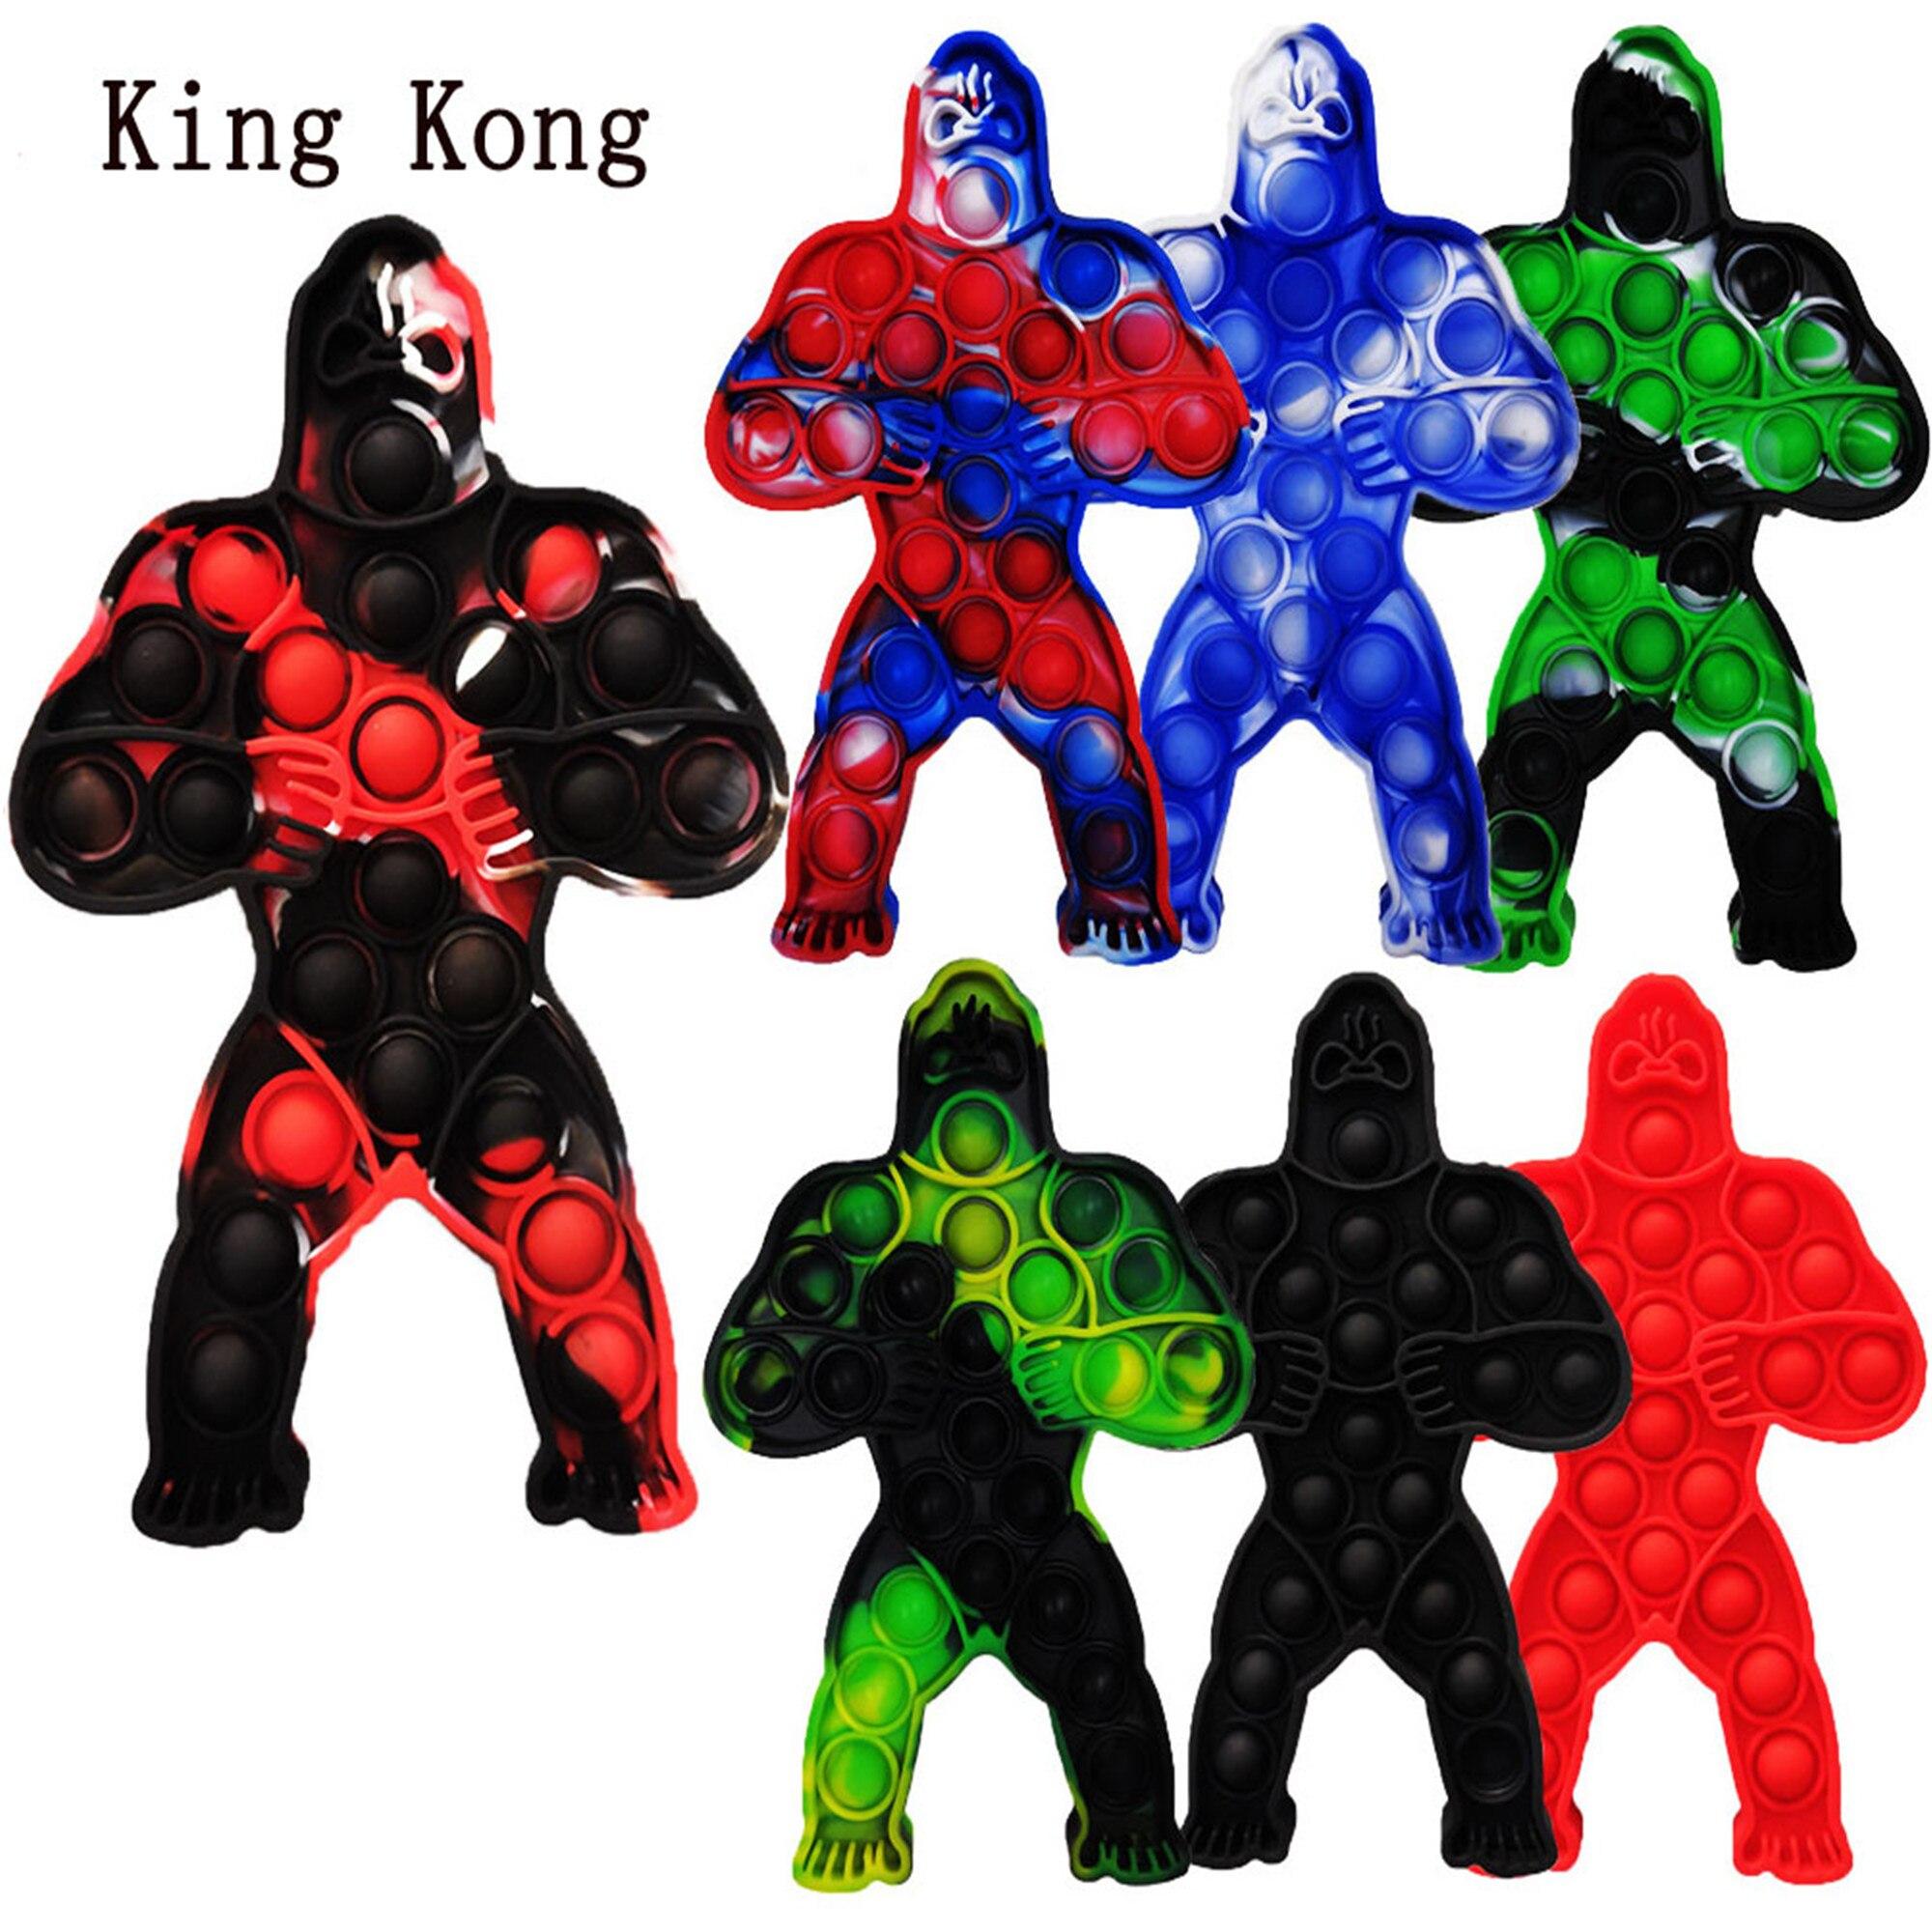 pop it king kong fidget toy 4290 - Wacky Track